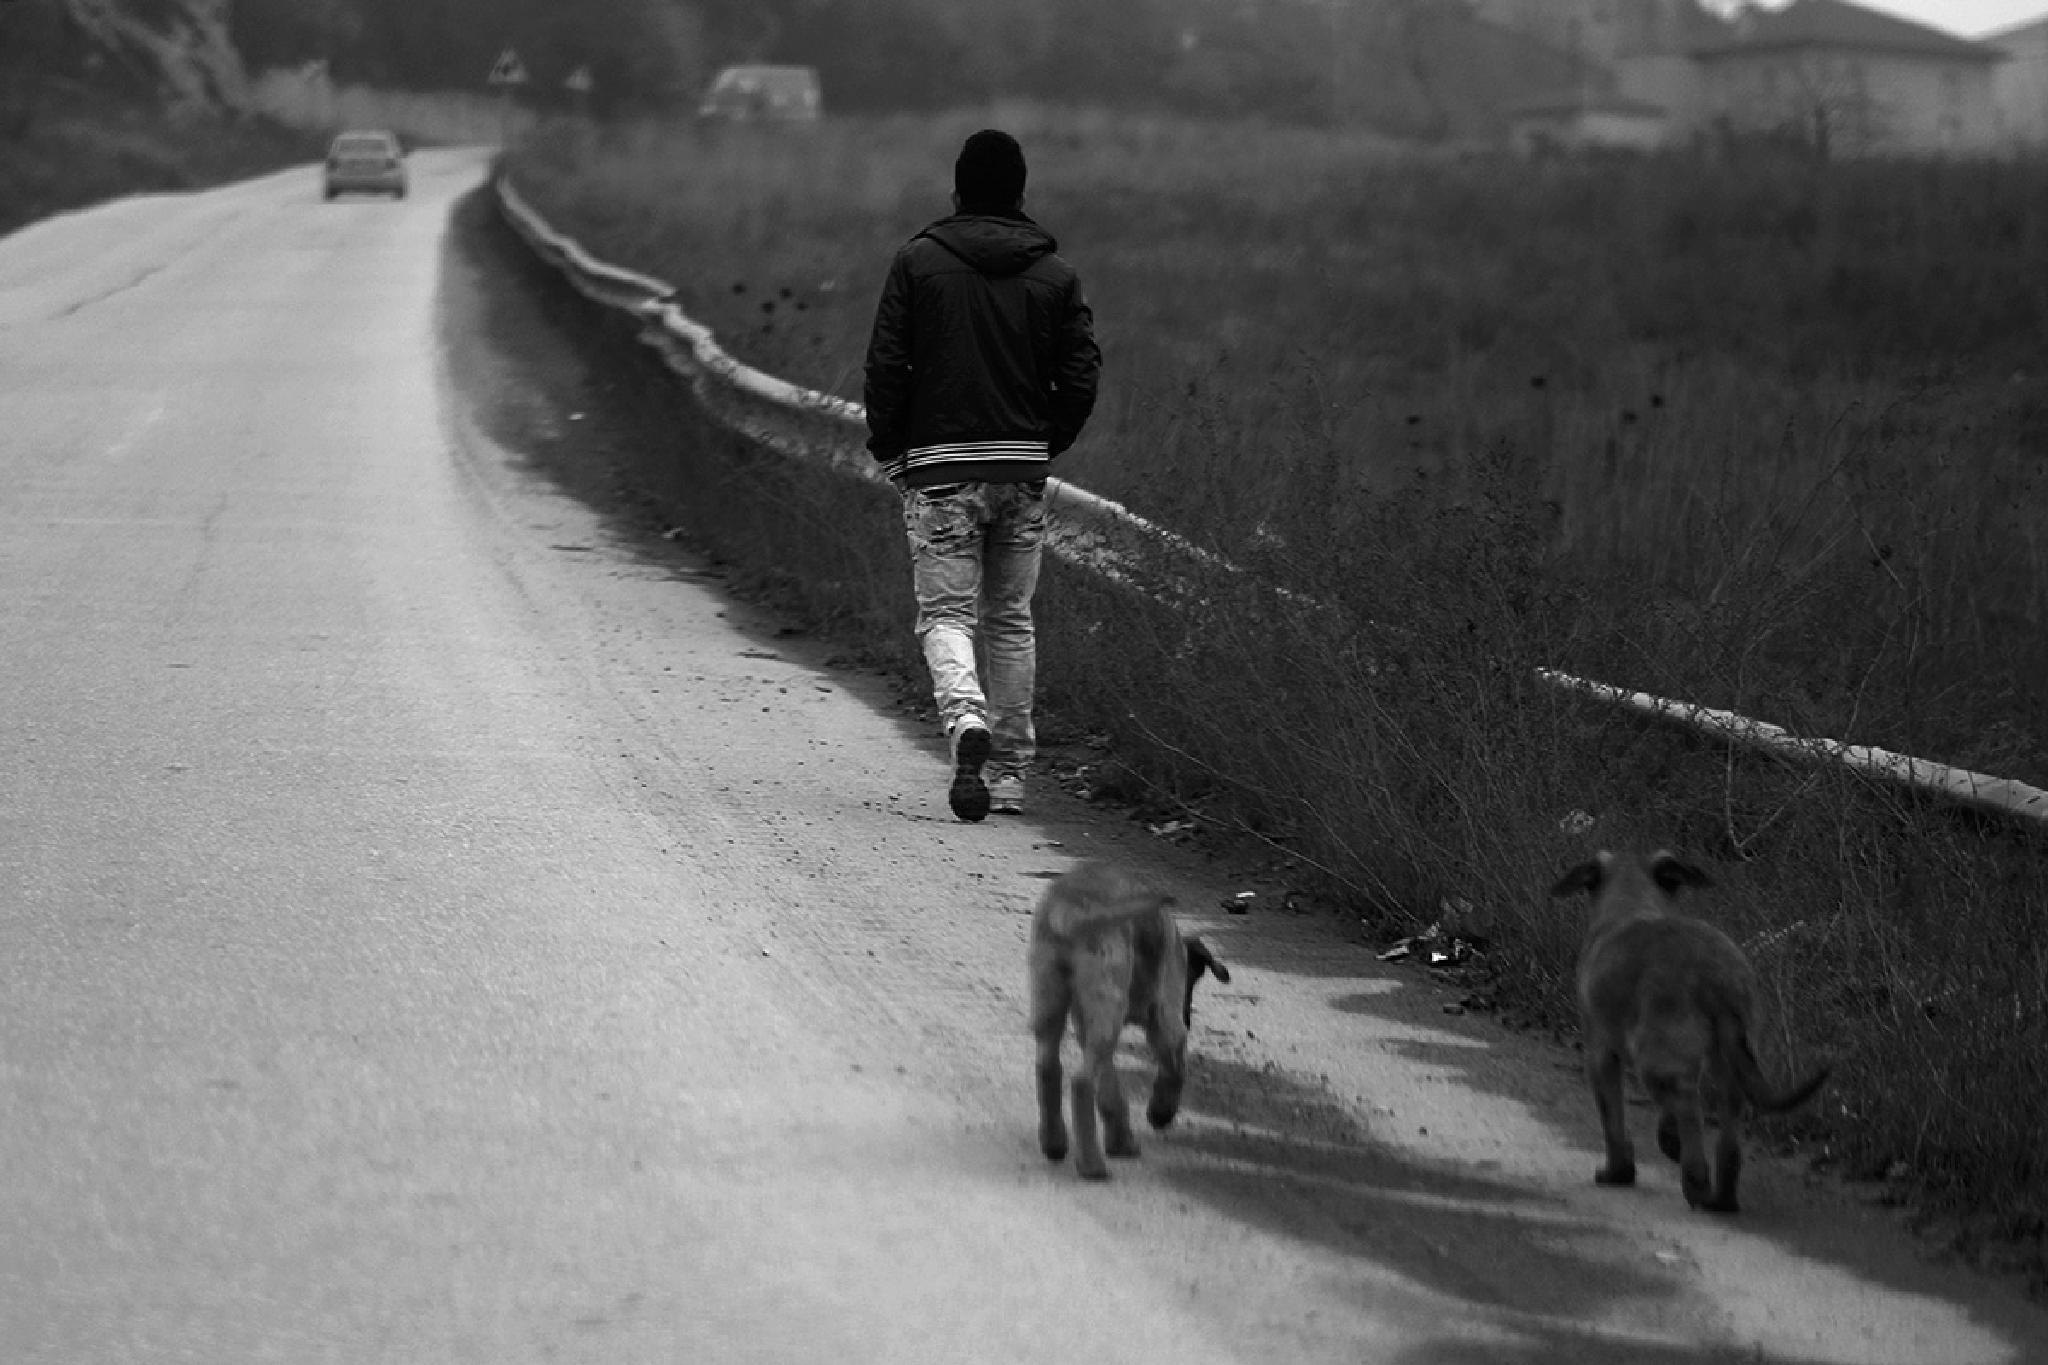 Wait for us by Ziya YILDIRIM